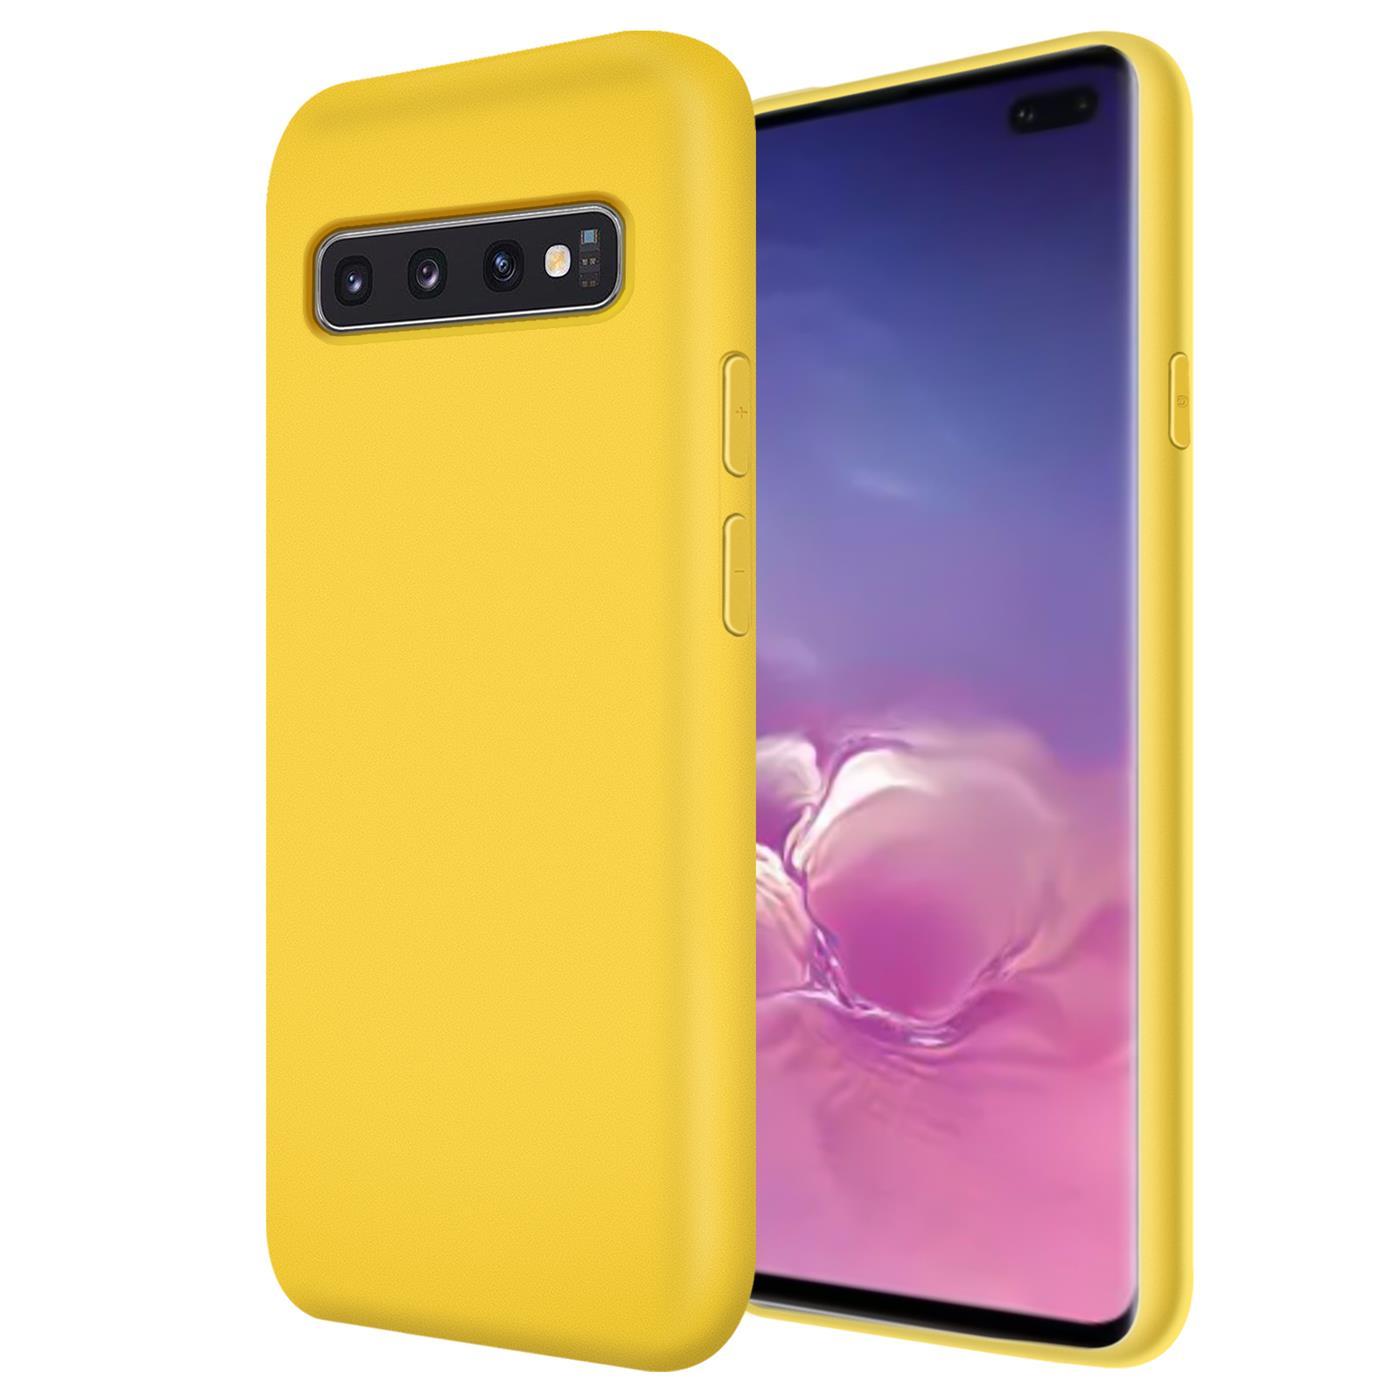 Huelle-Samsung-Galaxy-S10-Handy-Schutz-Cover-Silikon-Gel-Case-Handyhuelle-Tasche Indexbild 9